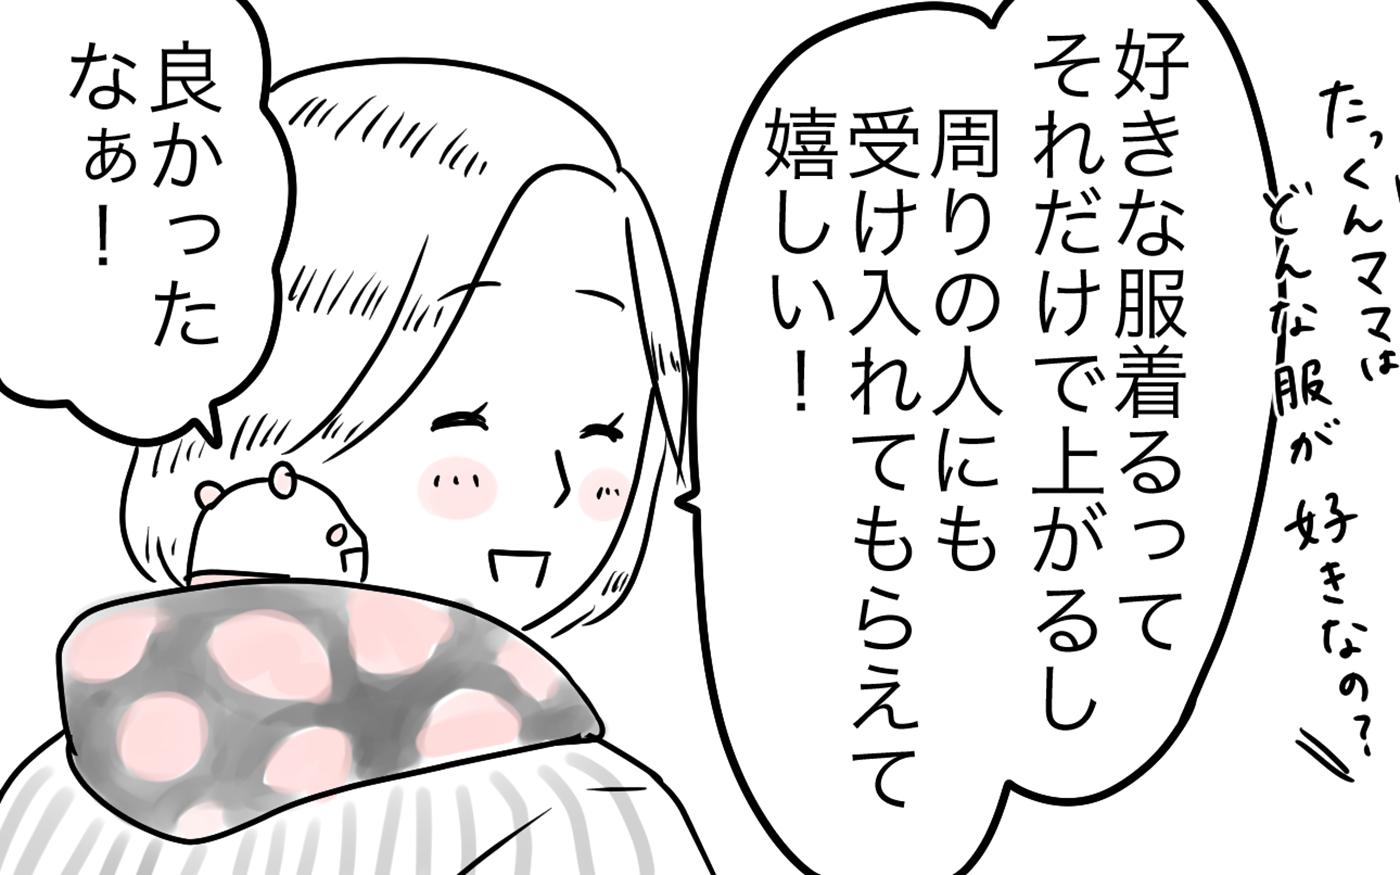 好きを大事にする本当の意味は…ママのあるべきファッションって何?(5)